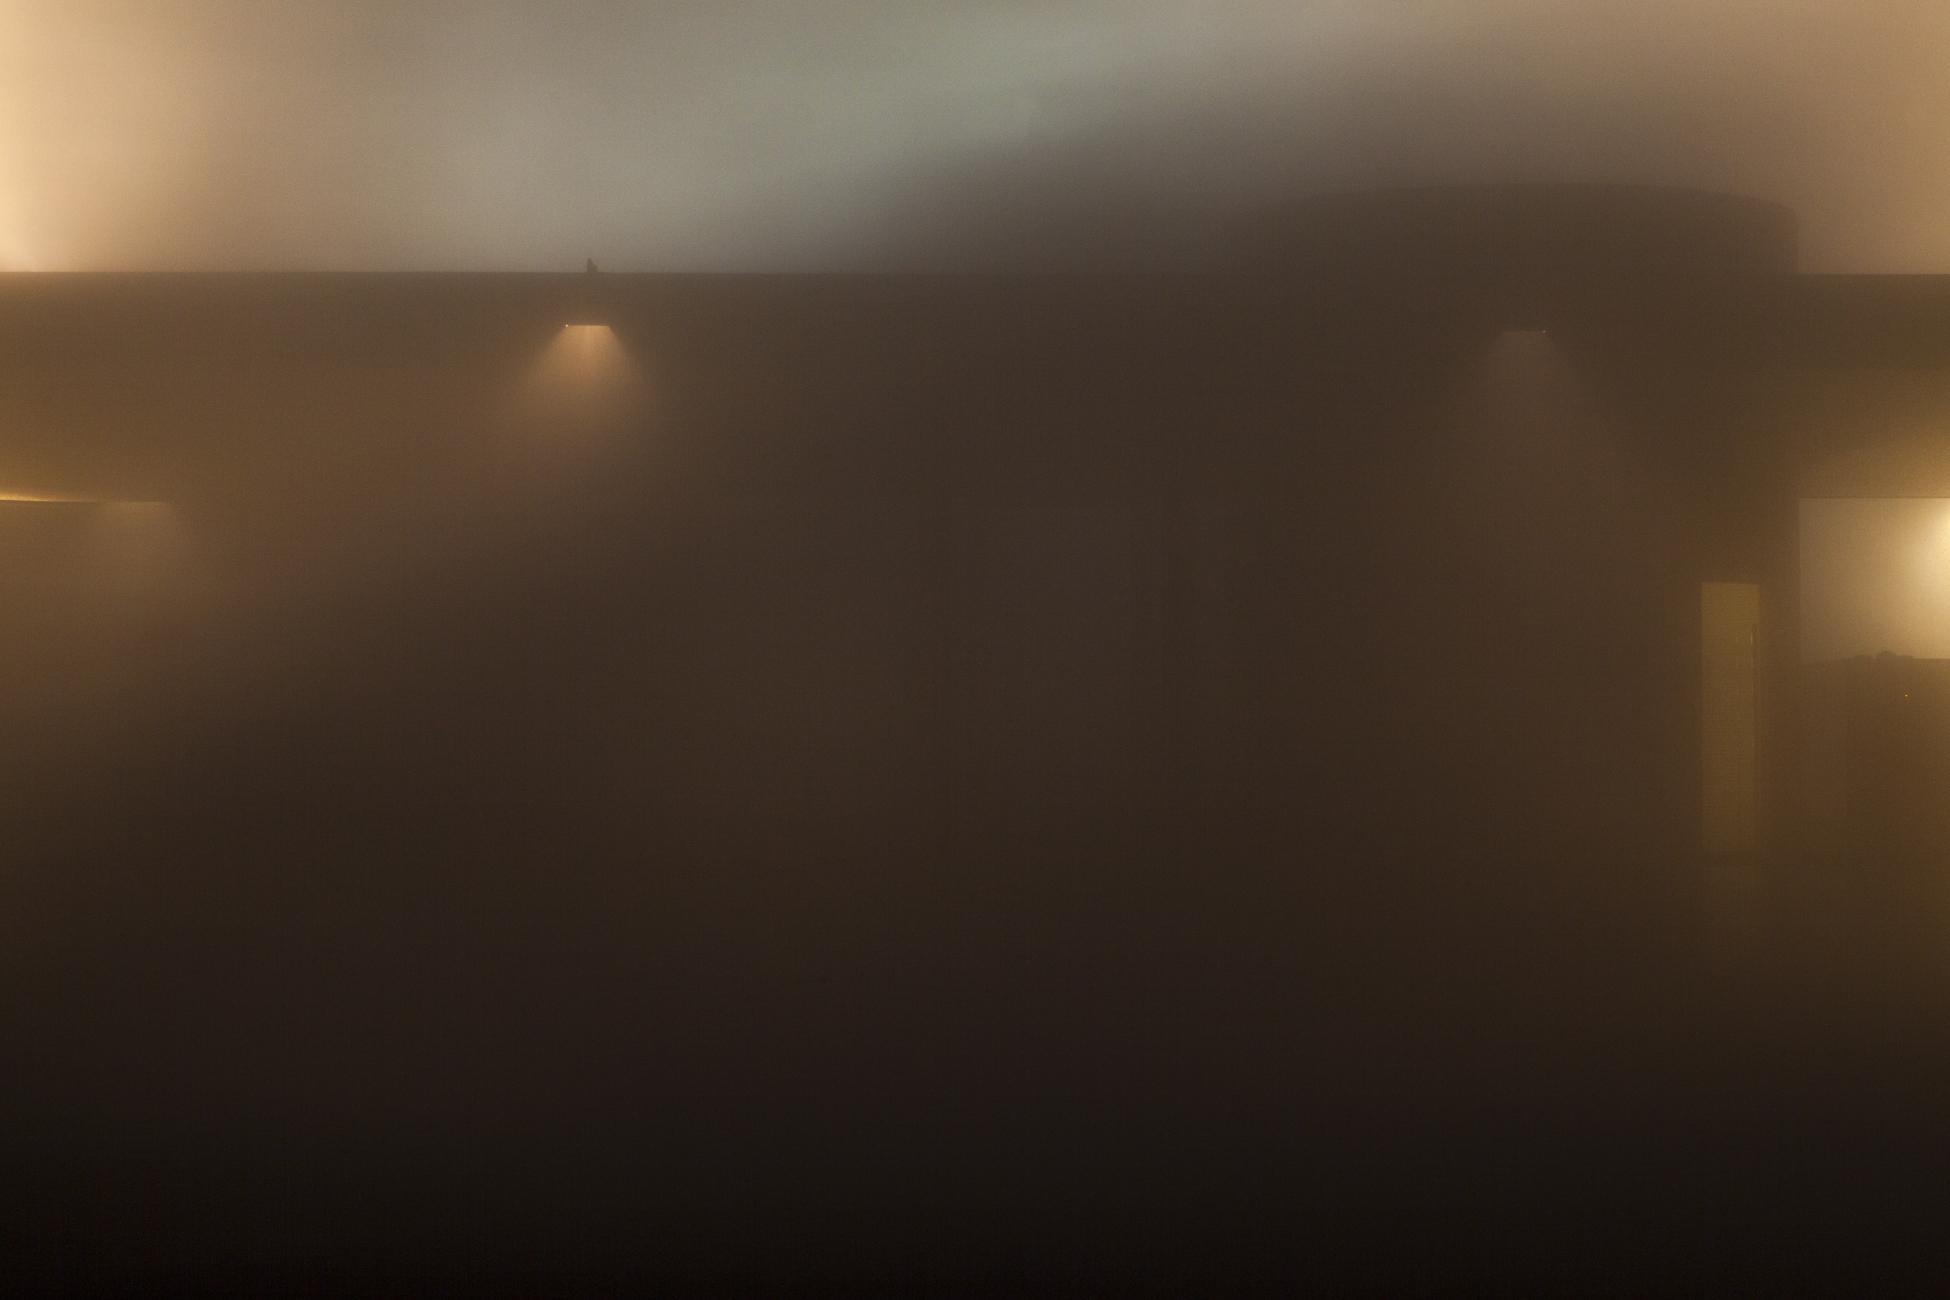 GlassHouse_Fog_1267.jpg